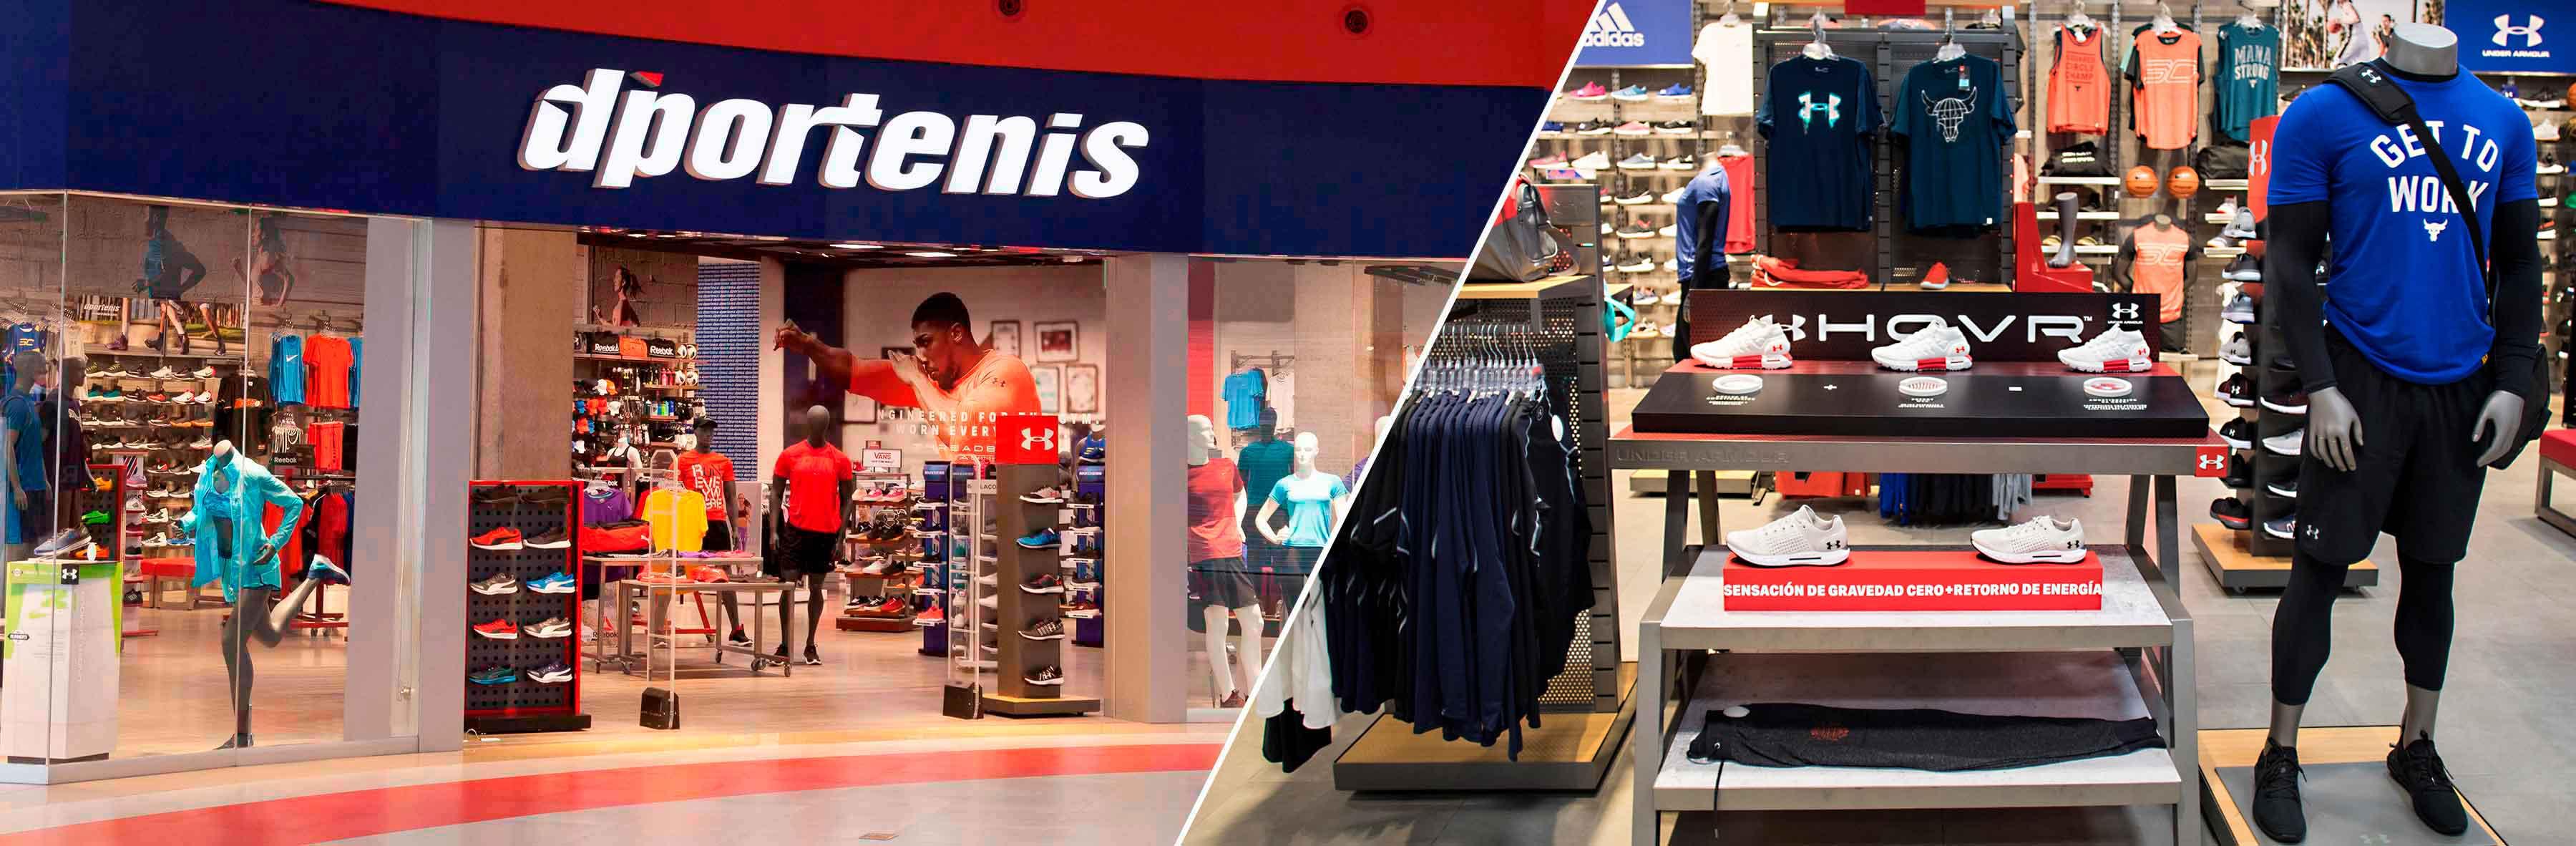 d6b7df4c6 Tiendas de deportes en México, las mejores marcas | Dportenis